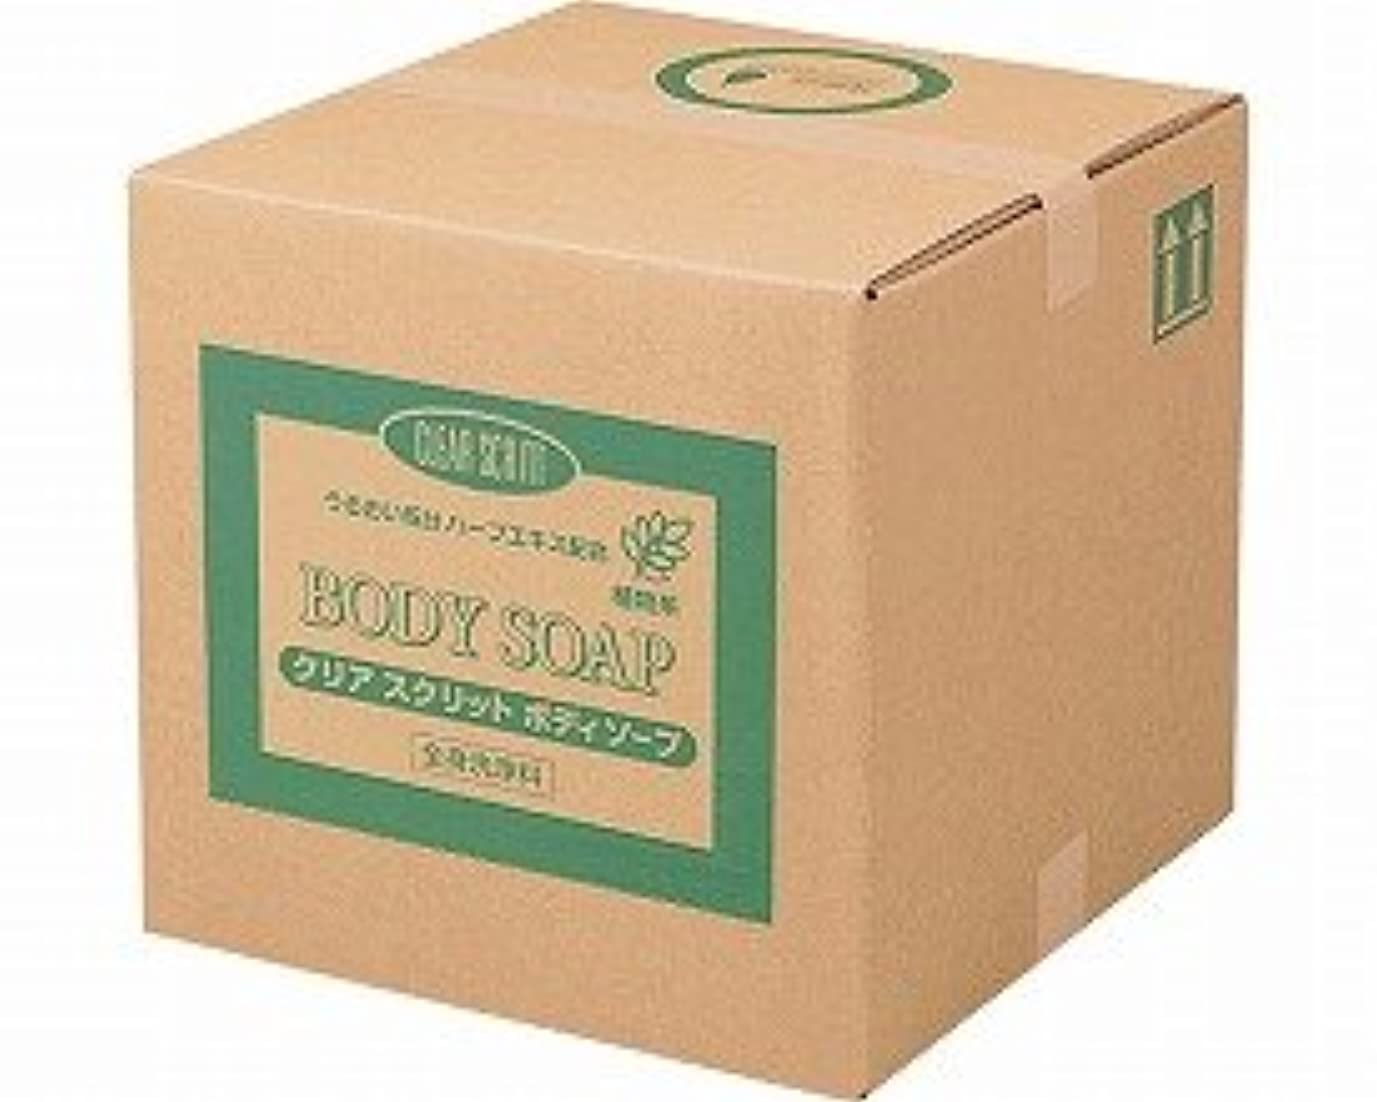 なにクライマックススクリューCLEAR SCRITT(クリアスクリット) ボディソープ 18L コック付 4355 (熊野油脂) (清拭小物)